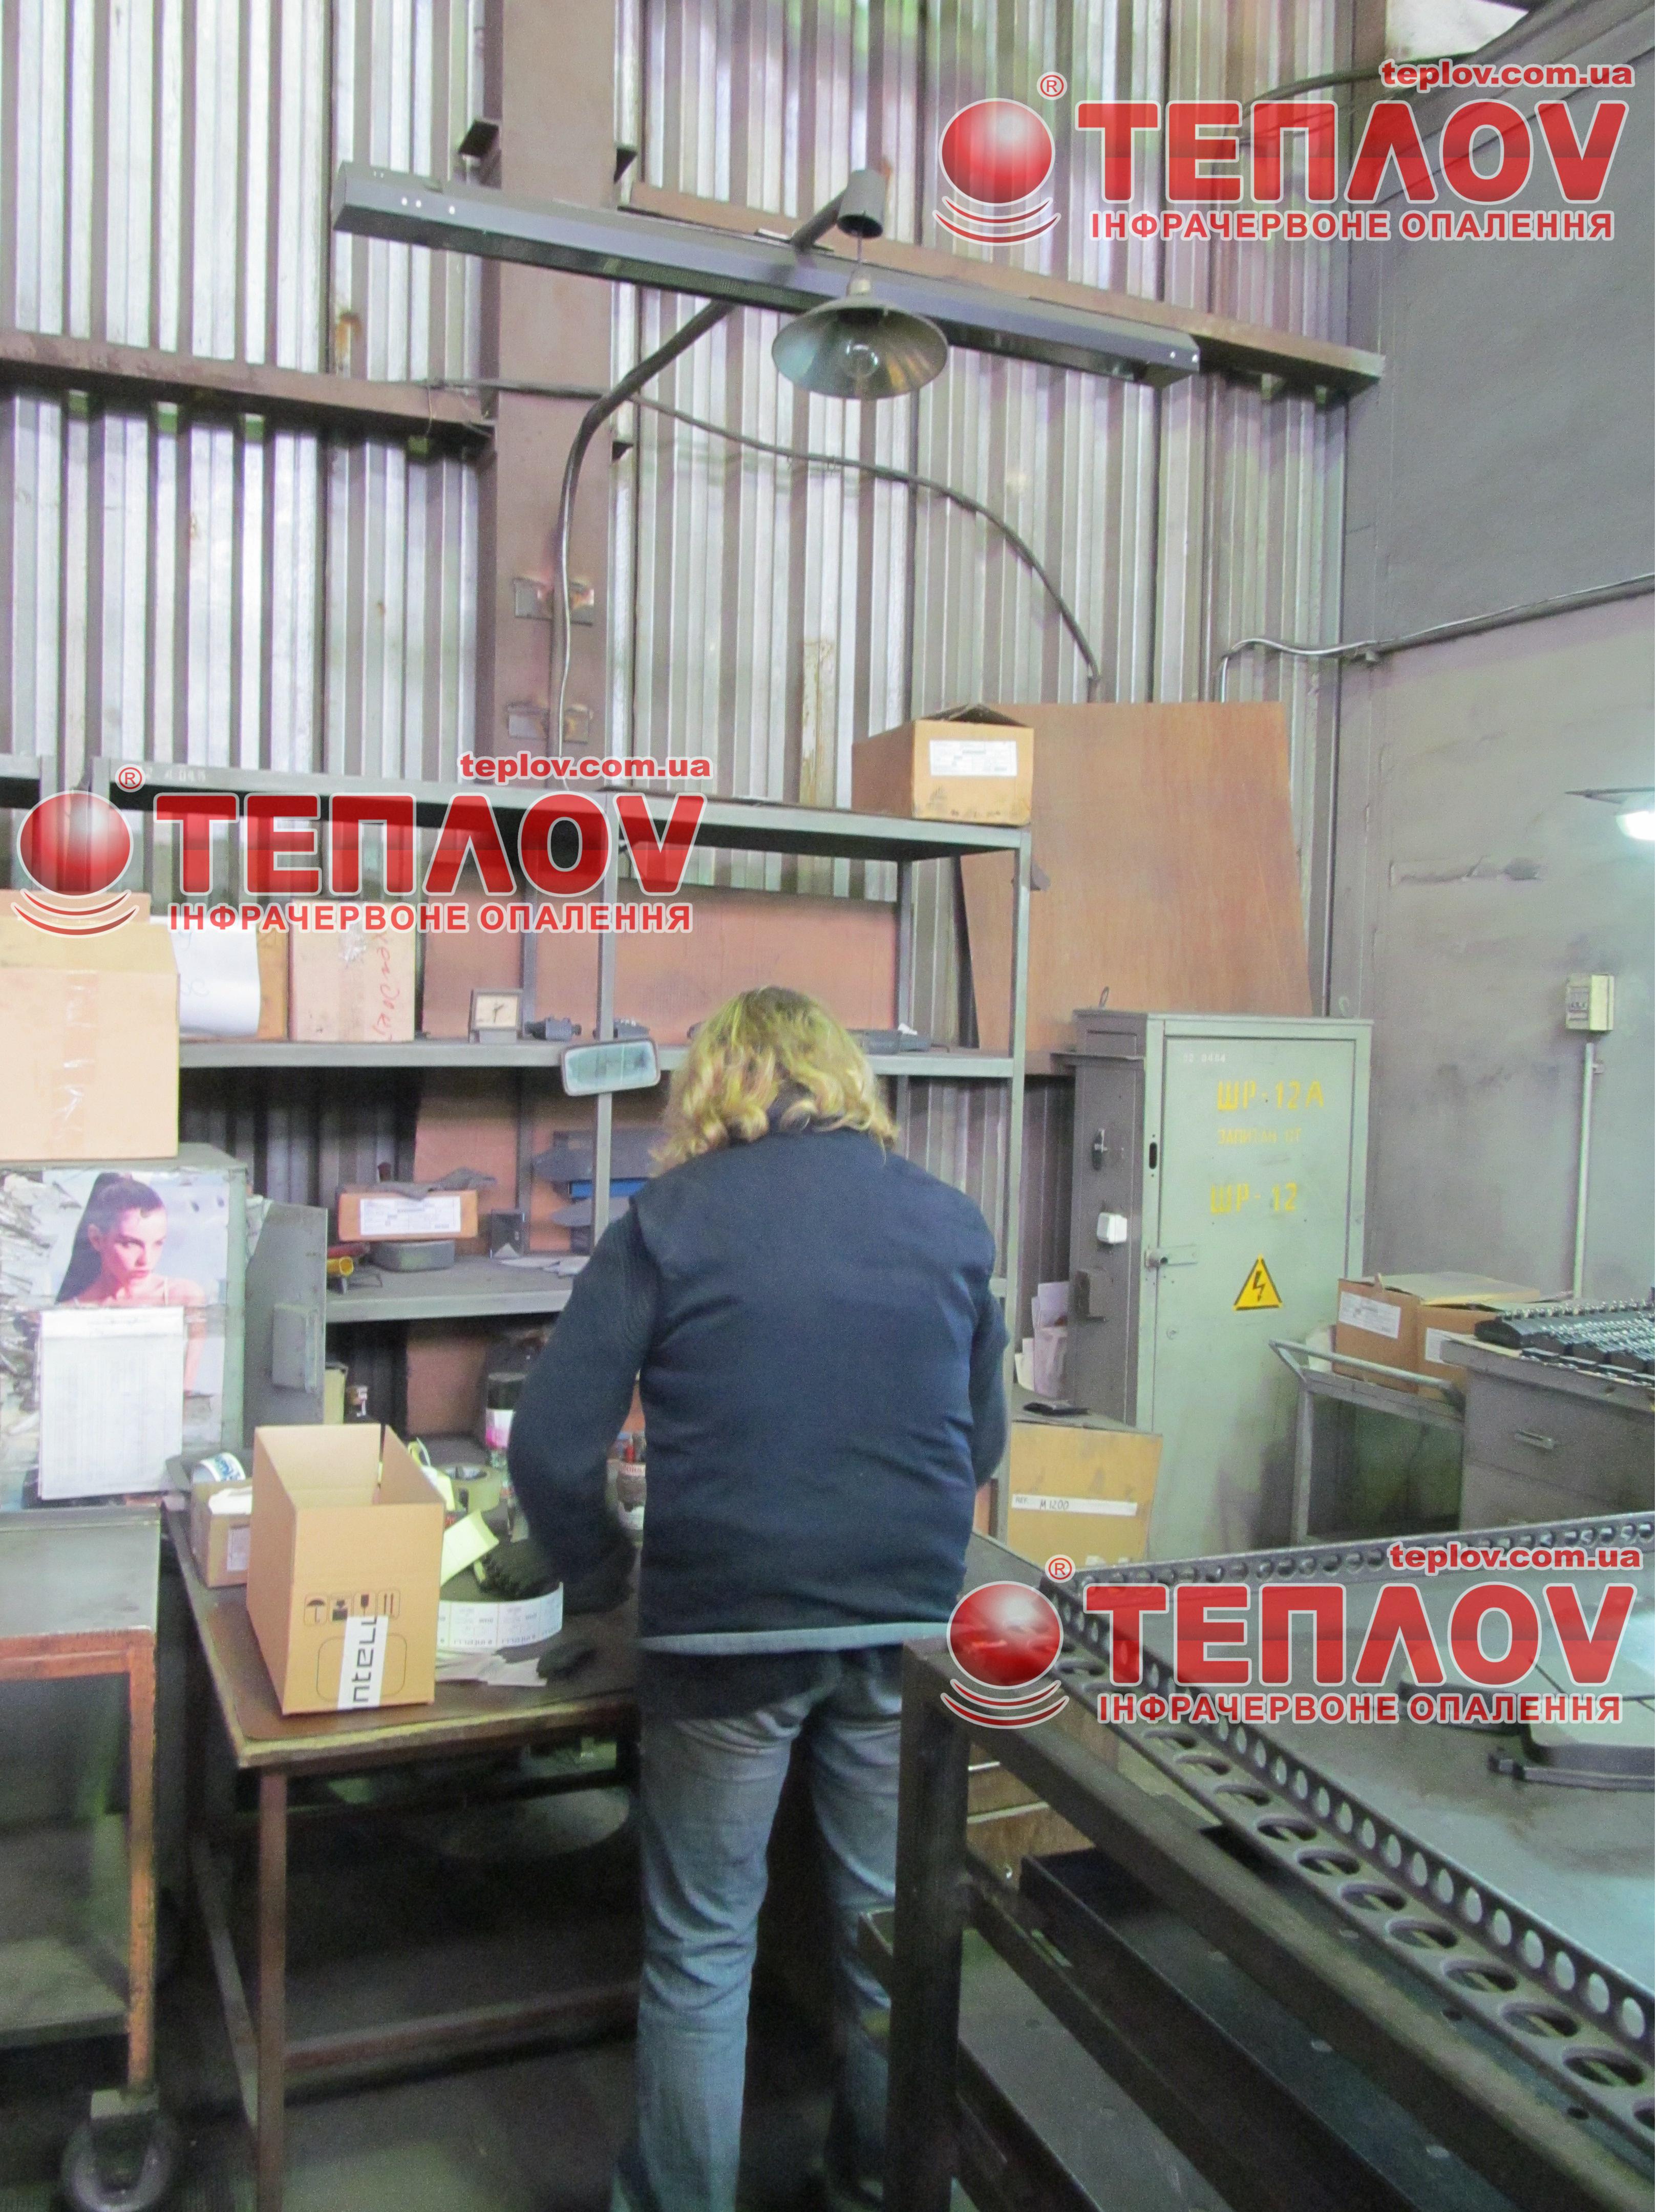 для обогрева рабочего места успешно применяются обогреватели У1500